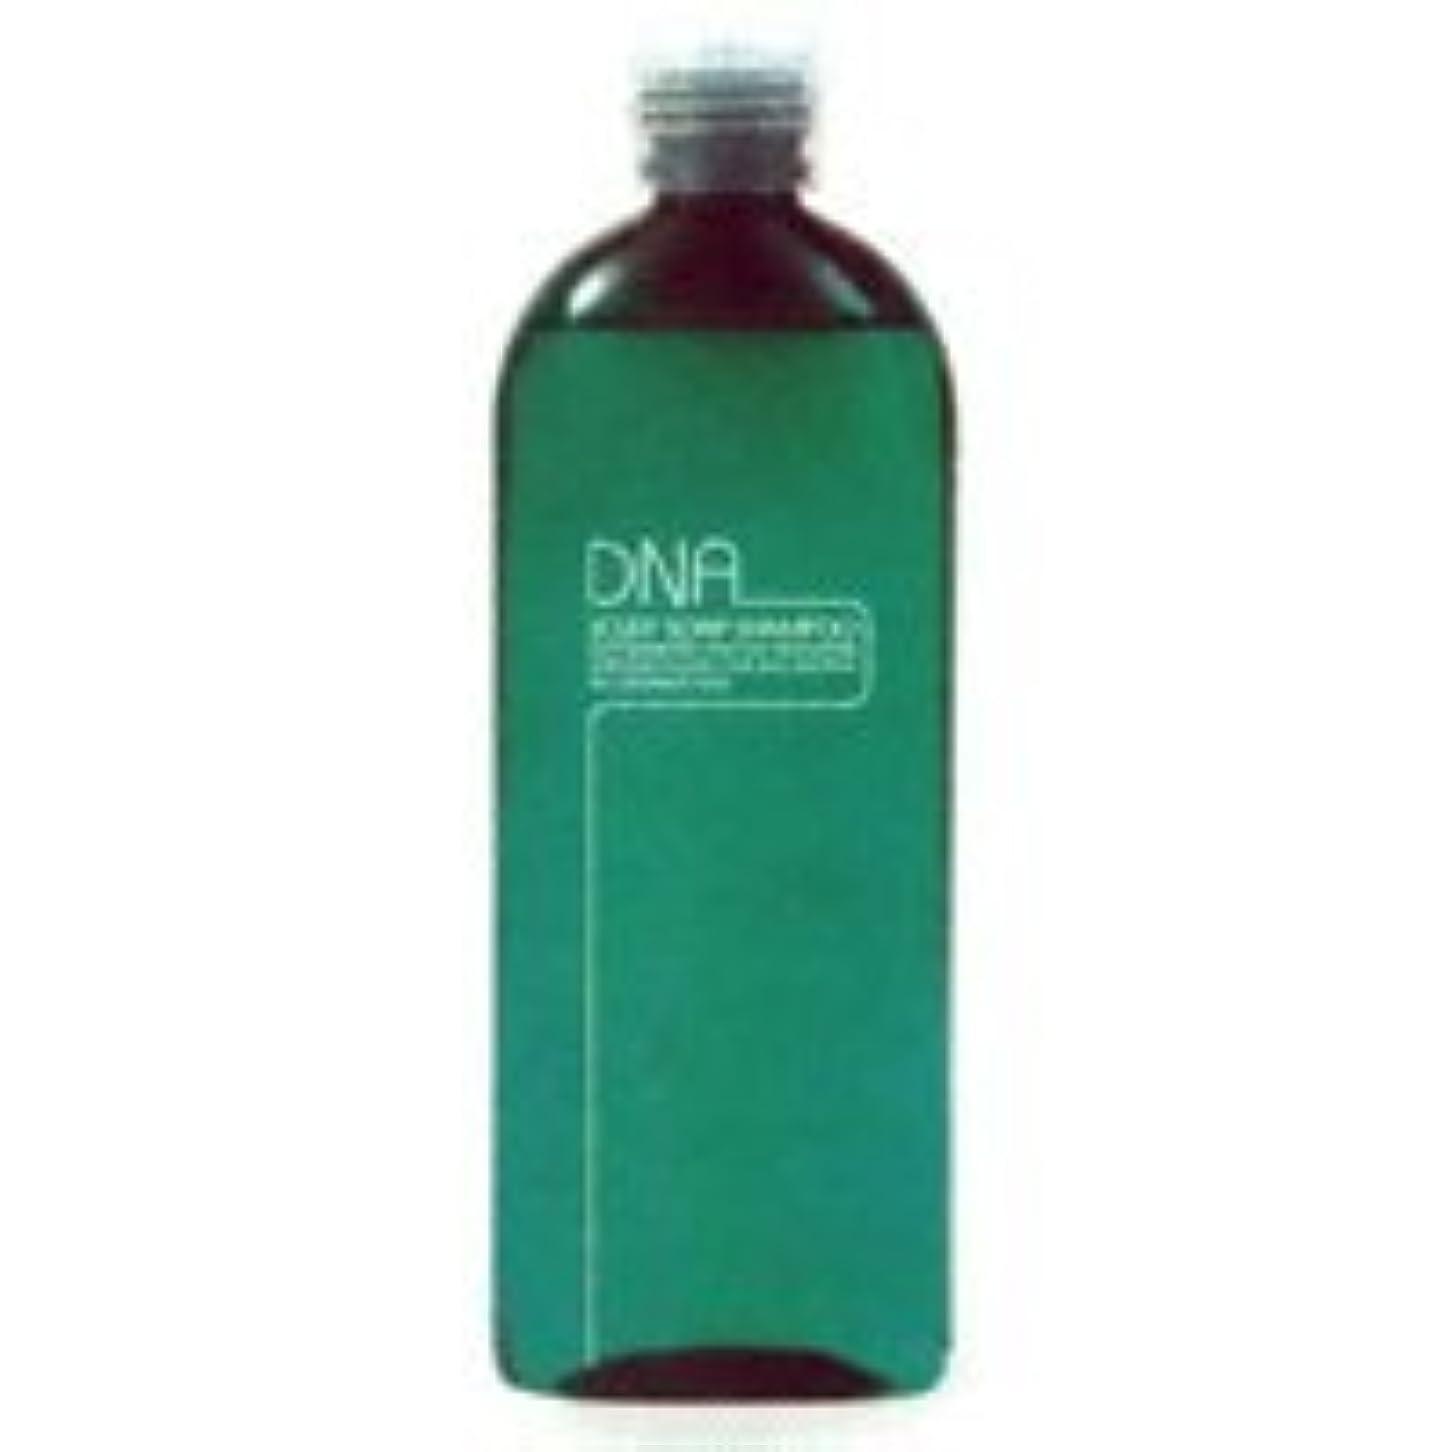 バッフルミットミットハツモール ビューティ スカーフソープ DNAシャンプー 350ml/薄毛、抜け毛が気になる方のための低刺激、弱酸性シャンプー